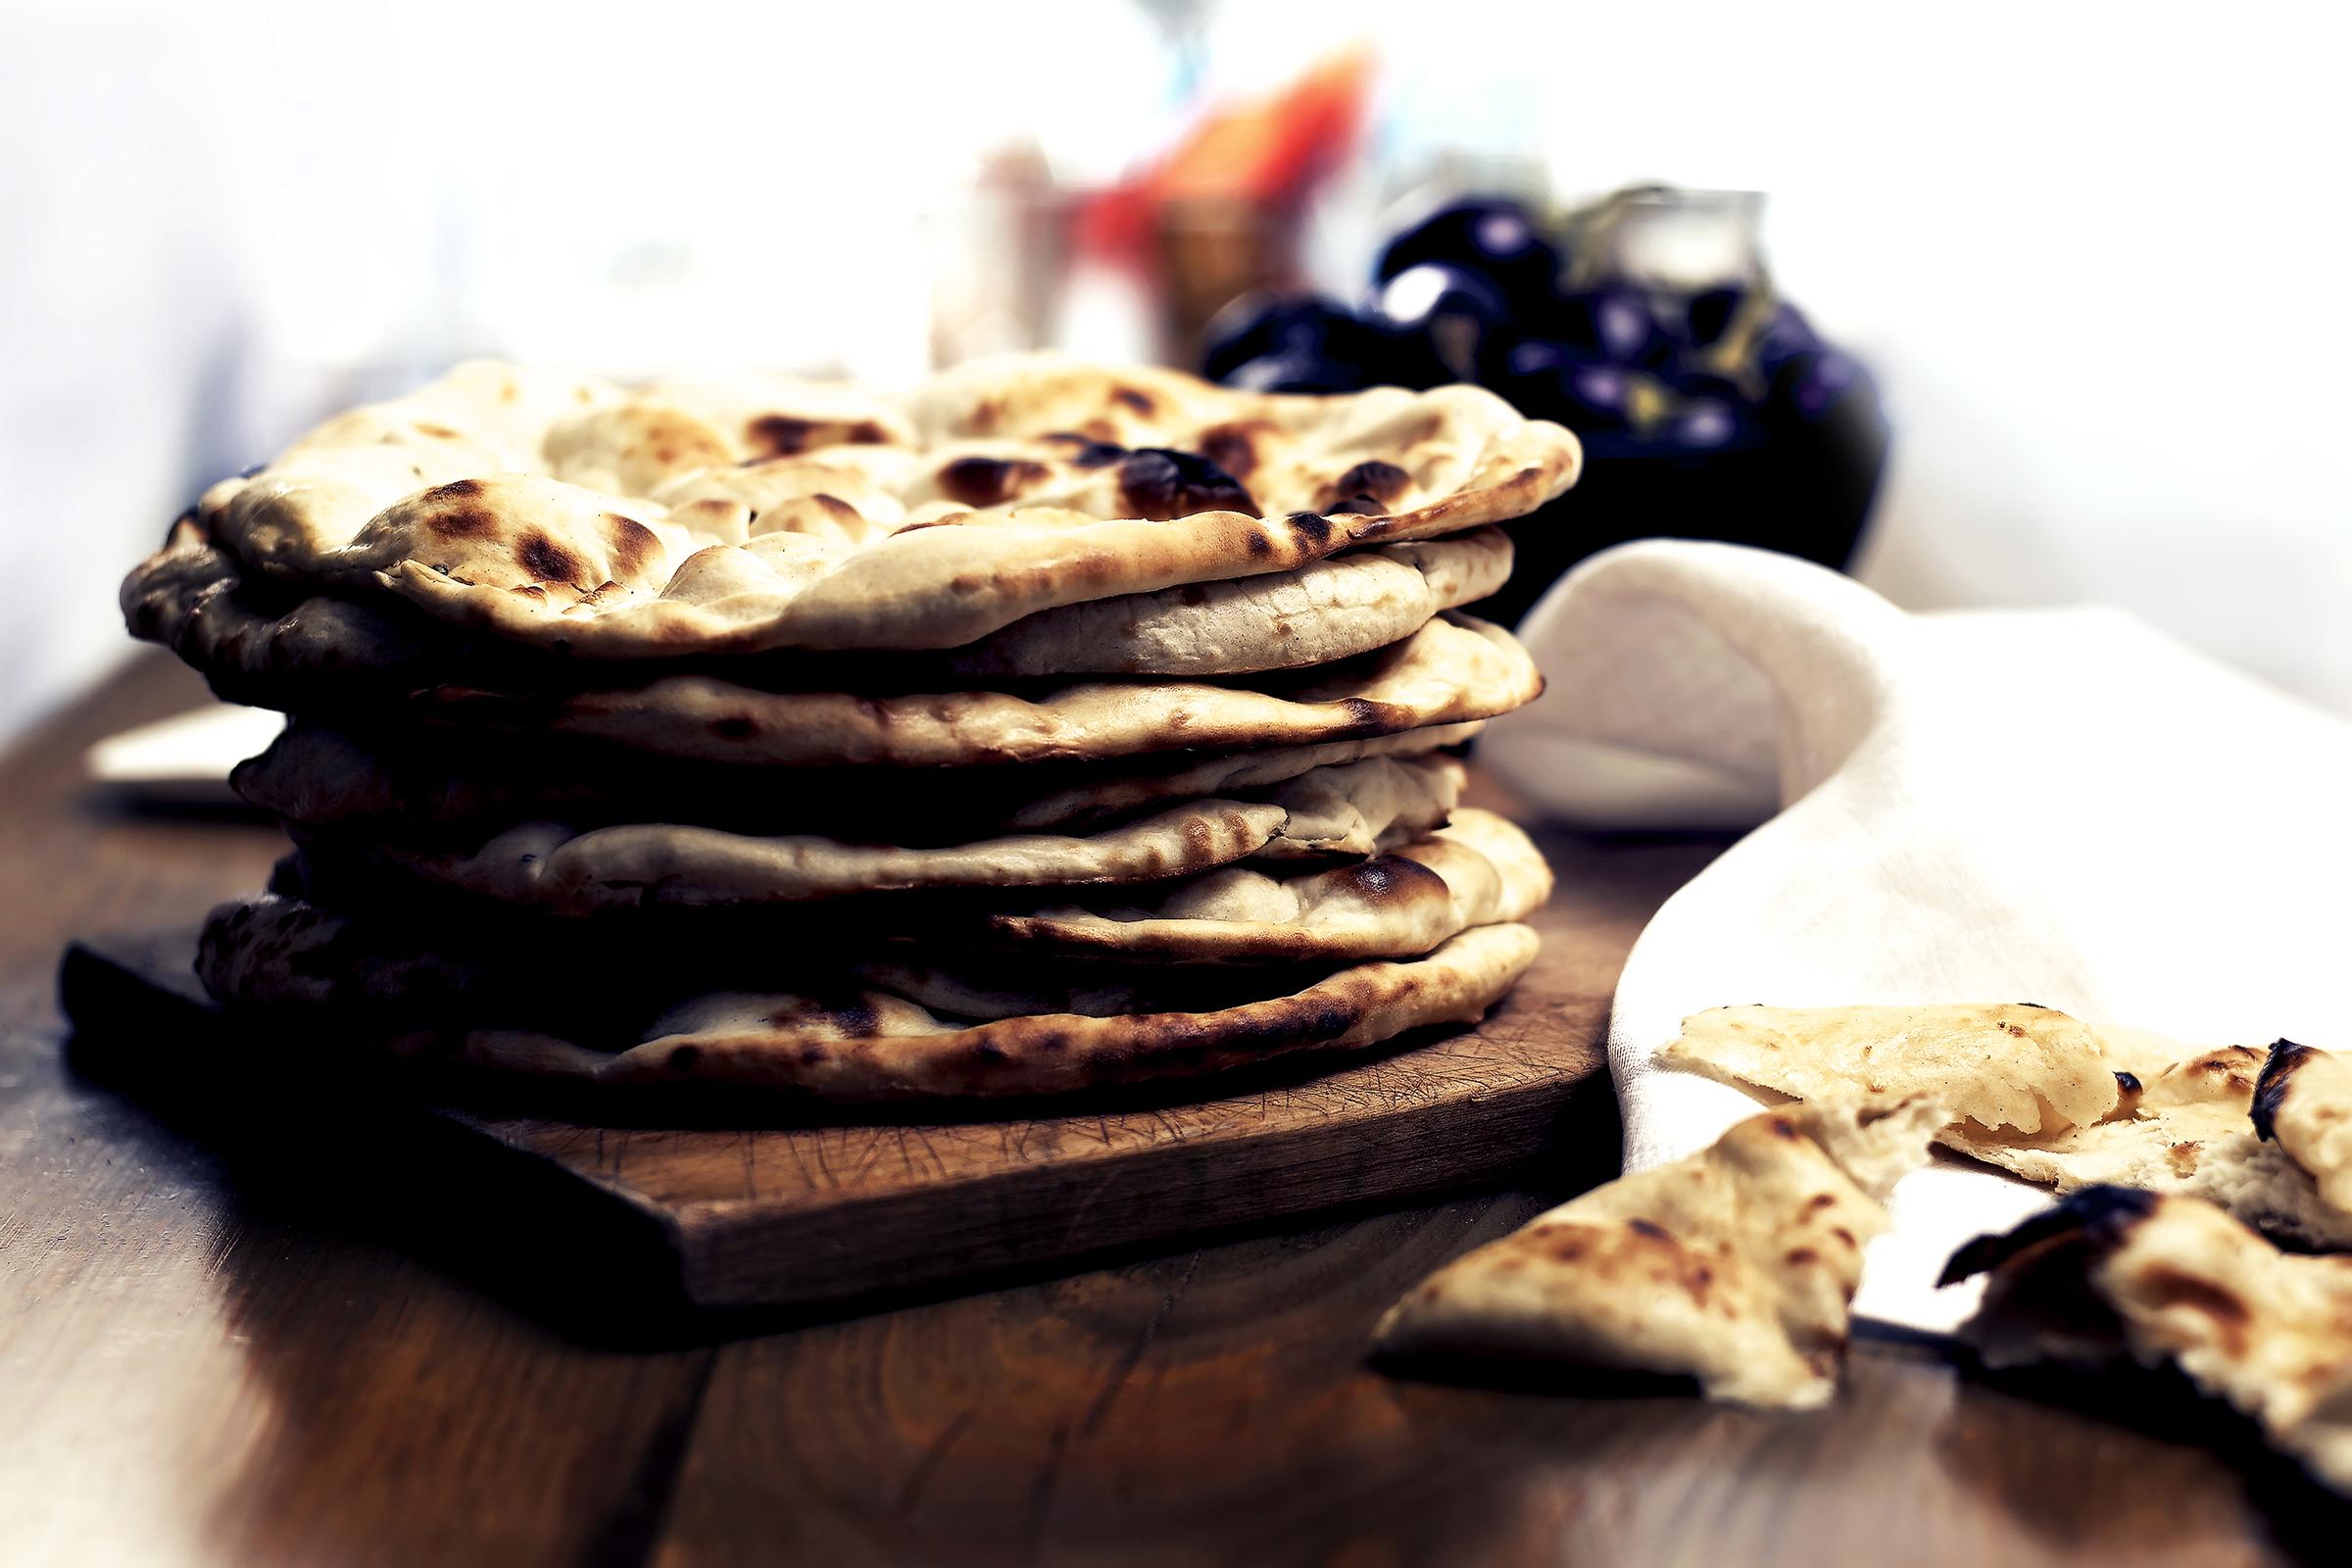 Bread_00026-1600.jpg